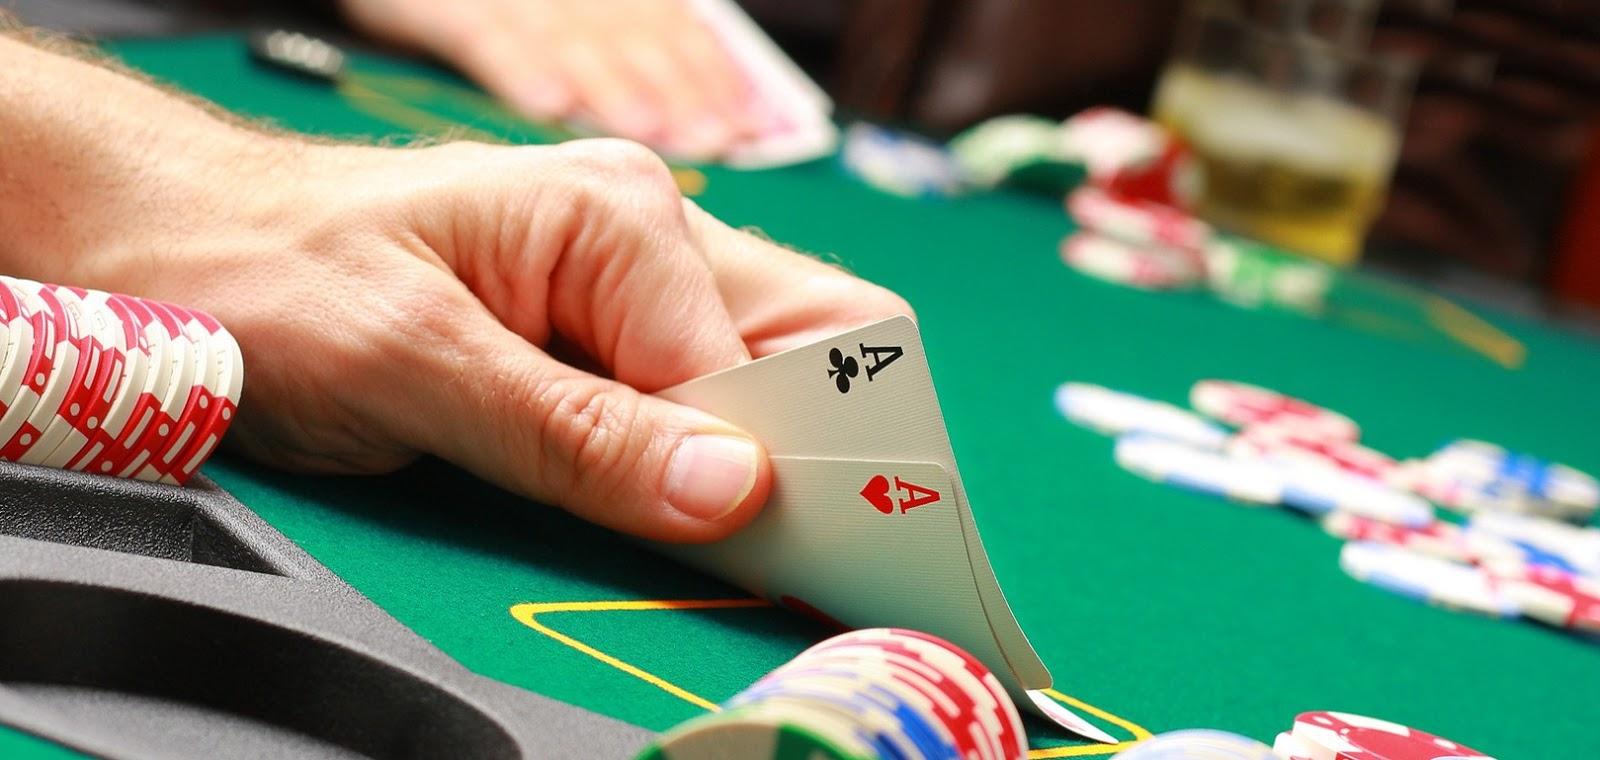 чемпионат мира по онлайн покеру 2016